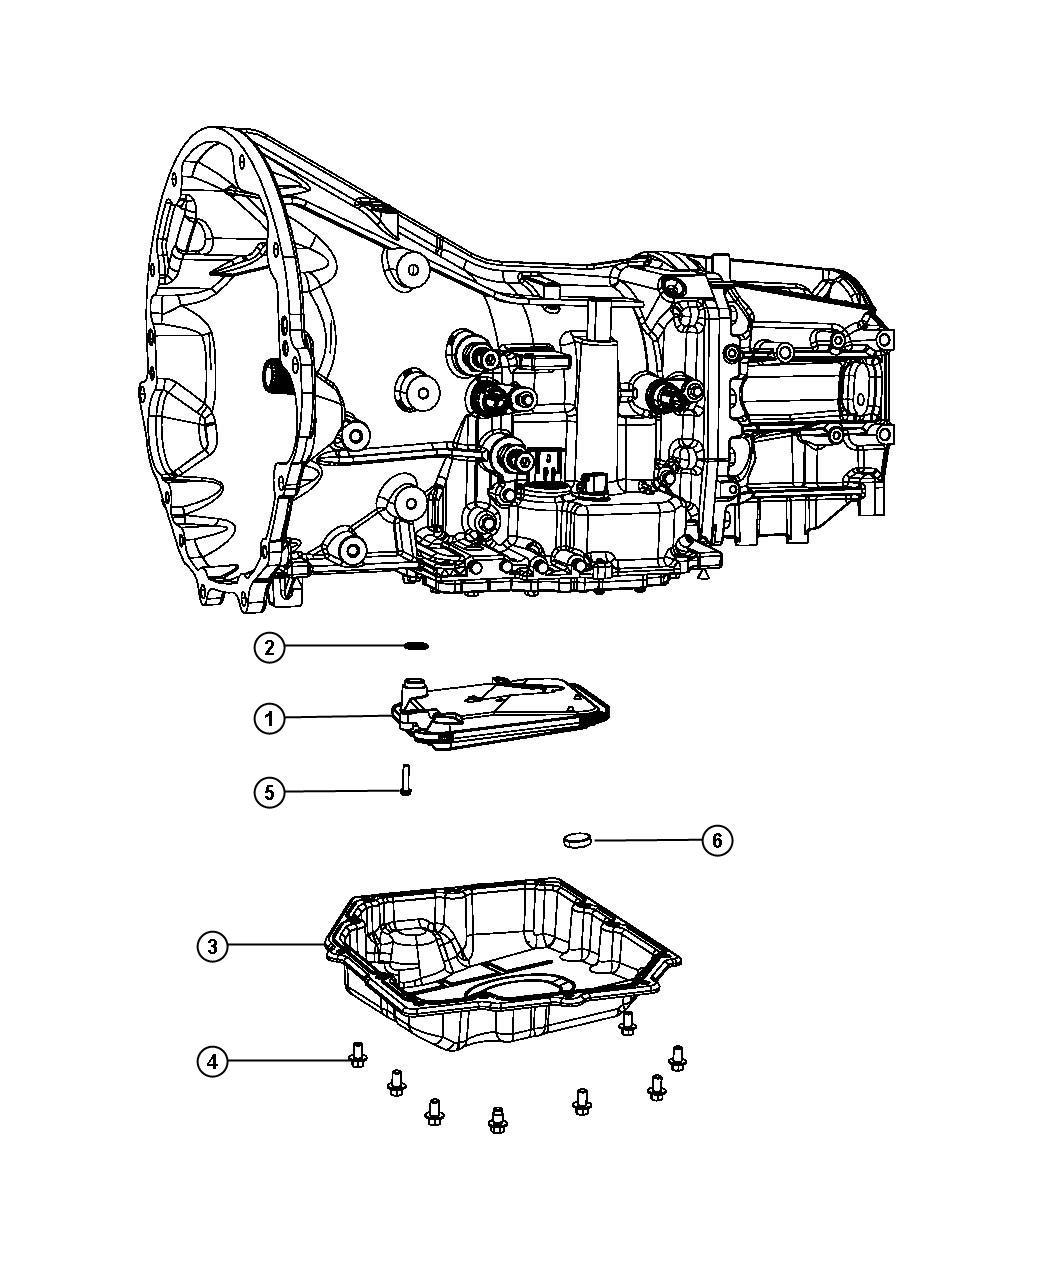 Dodge Ram Filter Filter Kit Transmission Oil Use